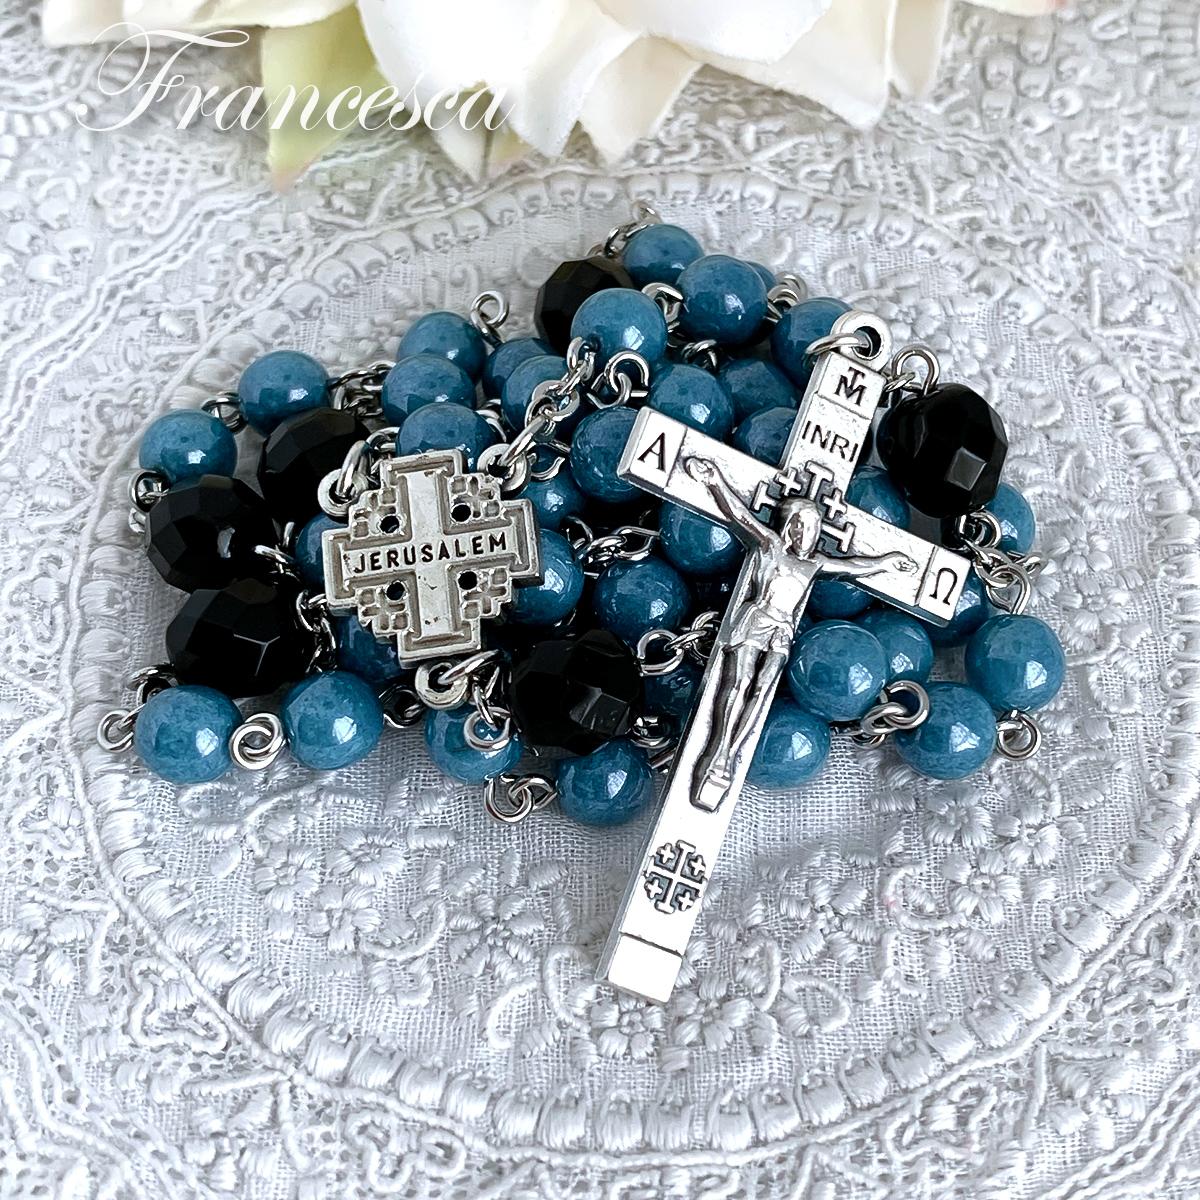 エルサレムのロザリオ(ブルー&ブラック)